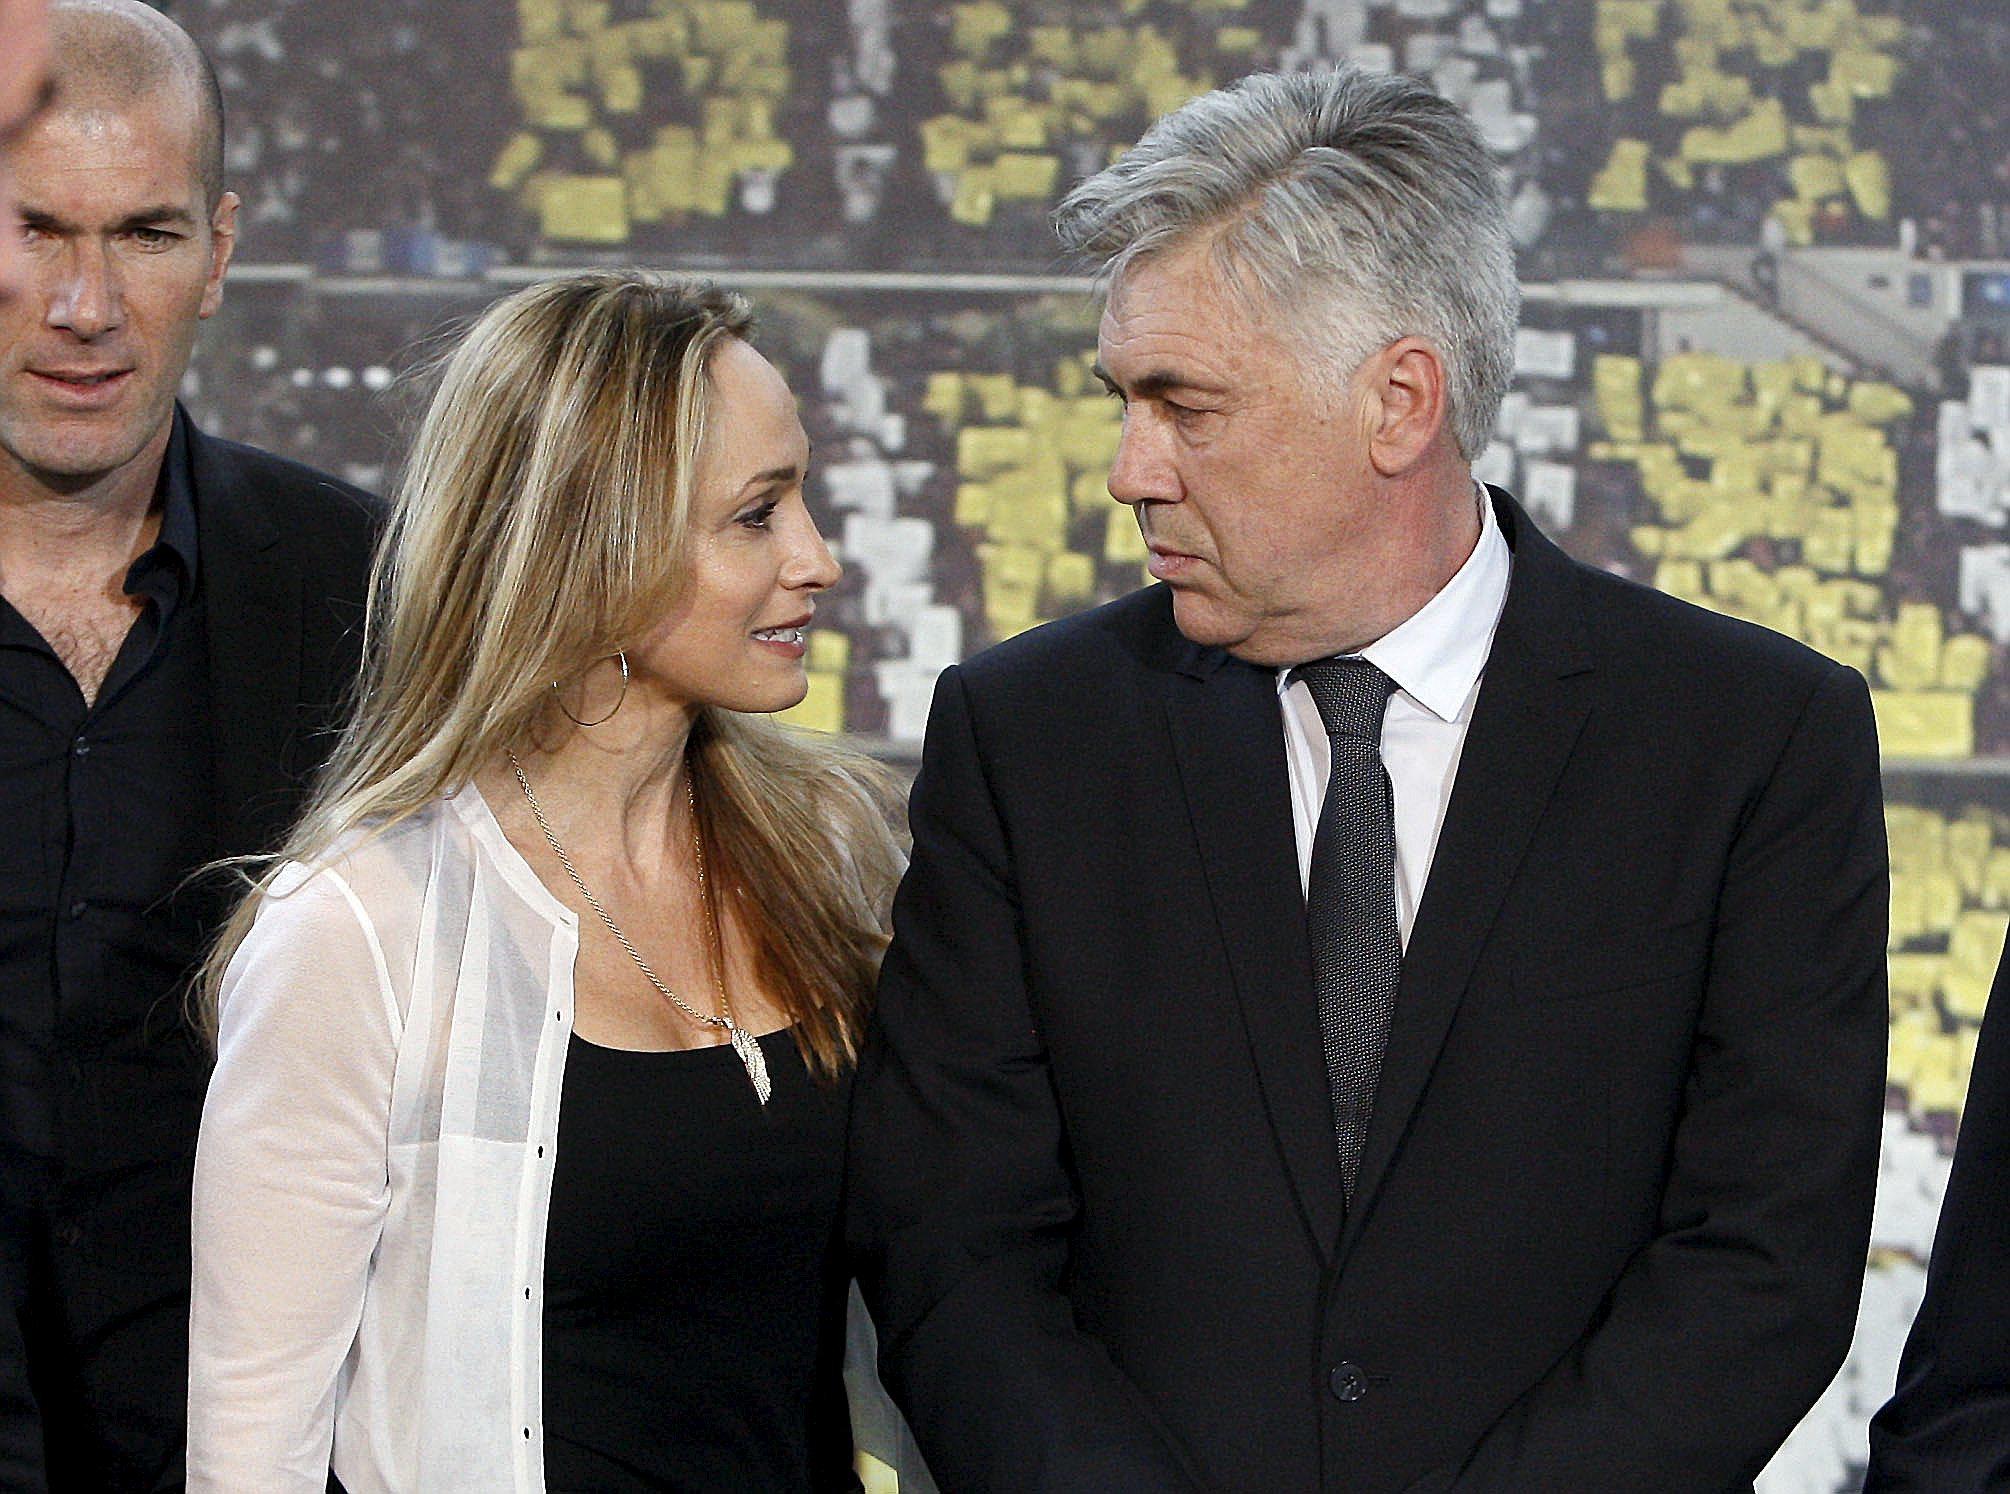 Carlo Ancelotti junto a su mujer, Marianne Barrena, el día de su presentación como entrenador del Real Madrid en junio de 2013.